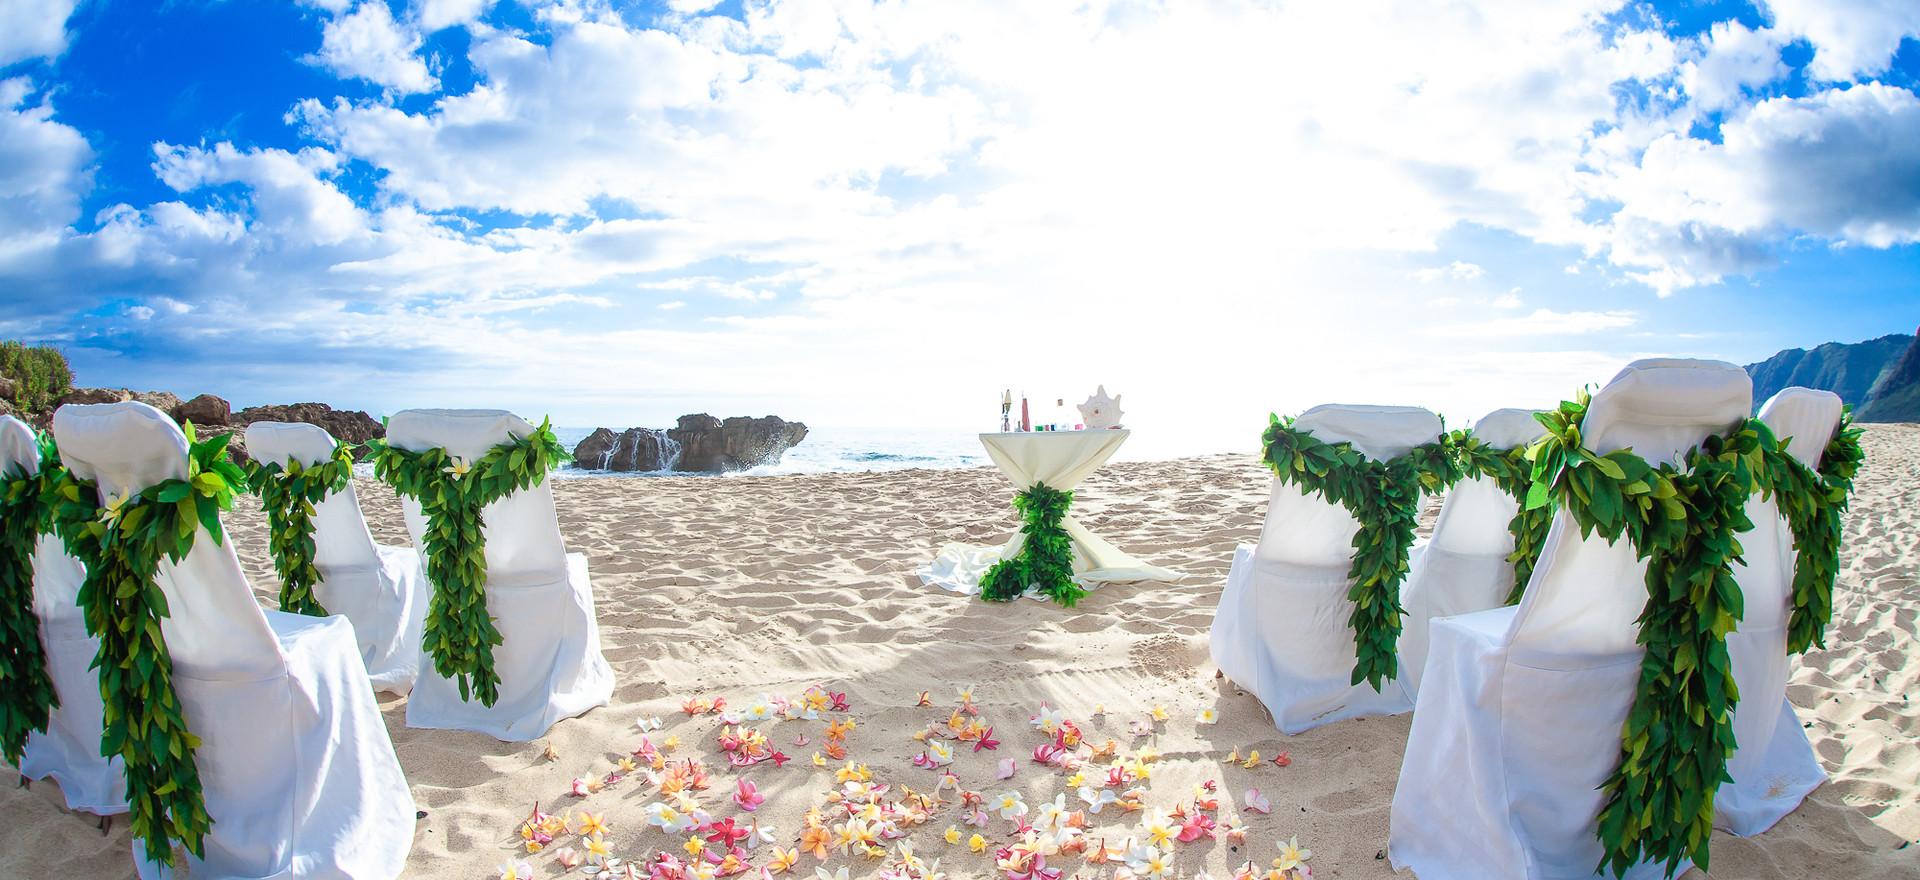 Makua-wedding-picture-4.jpg